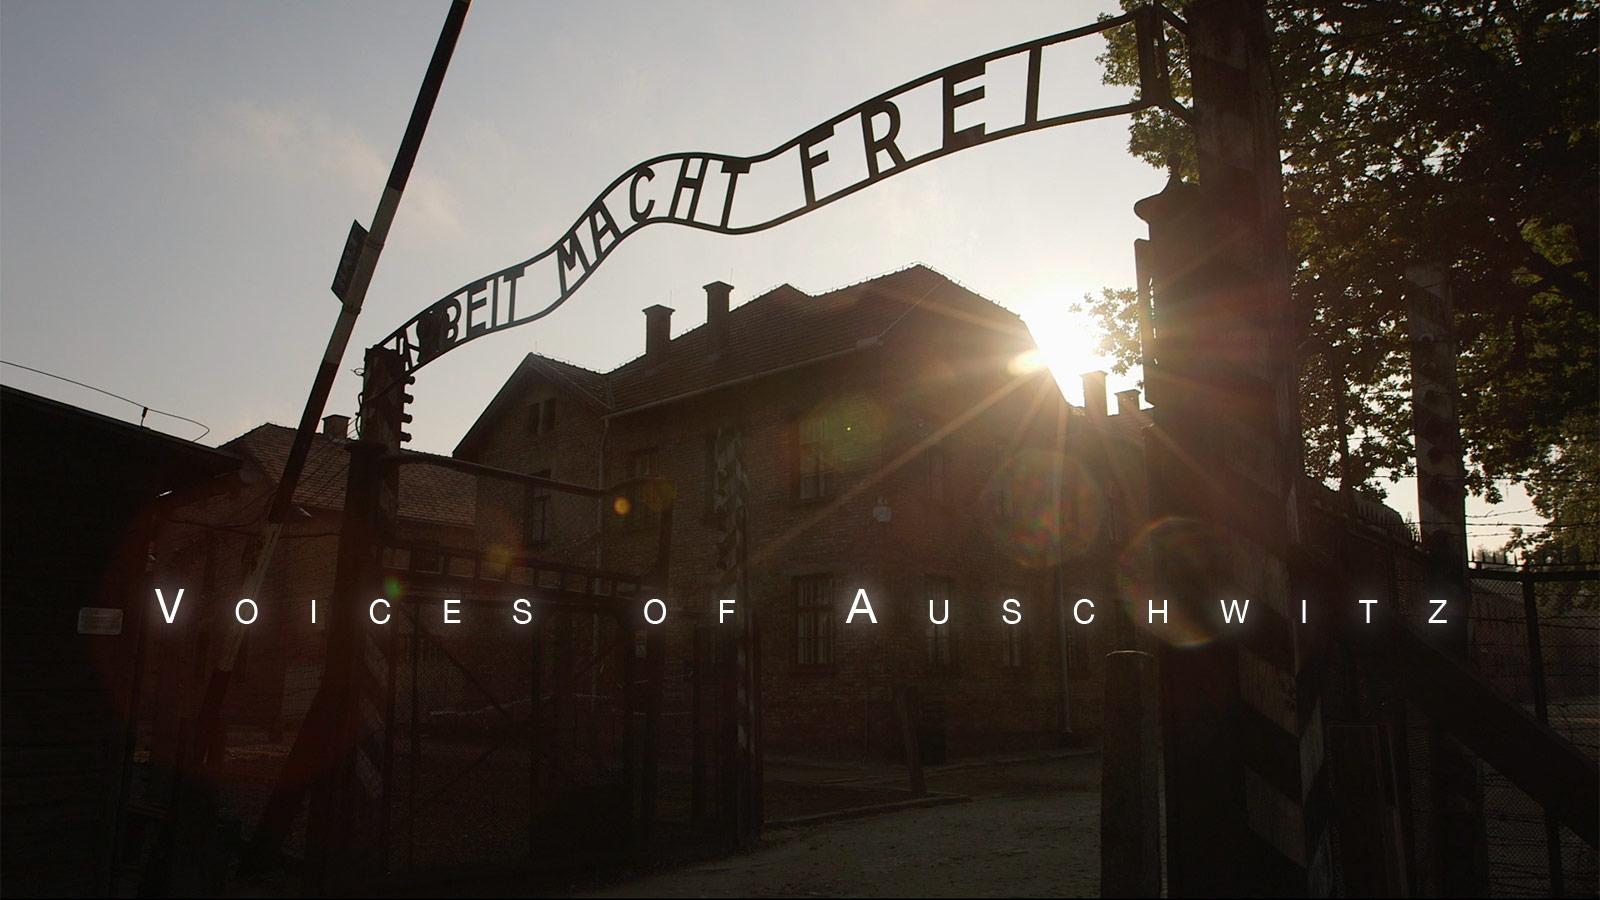 Auschwitz social no badge